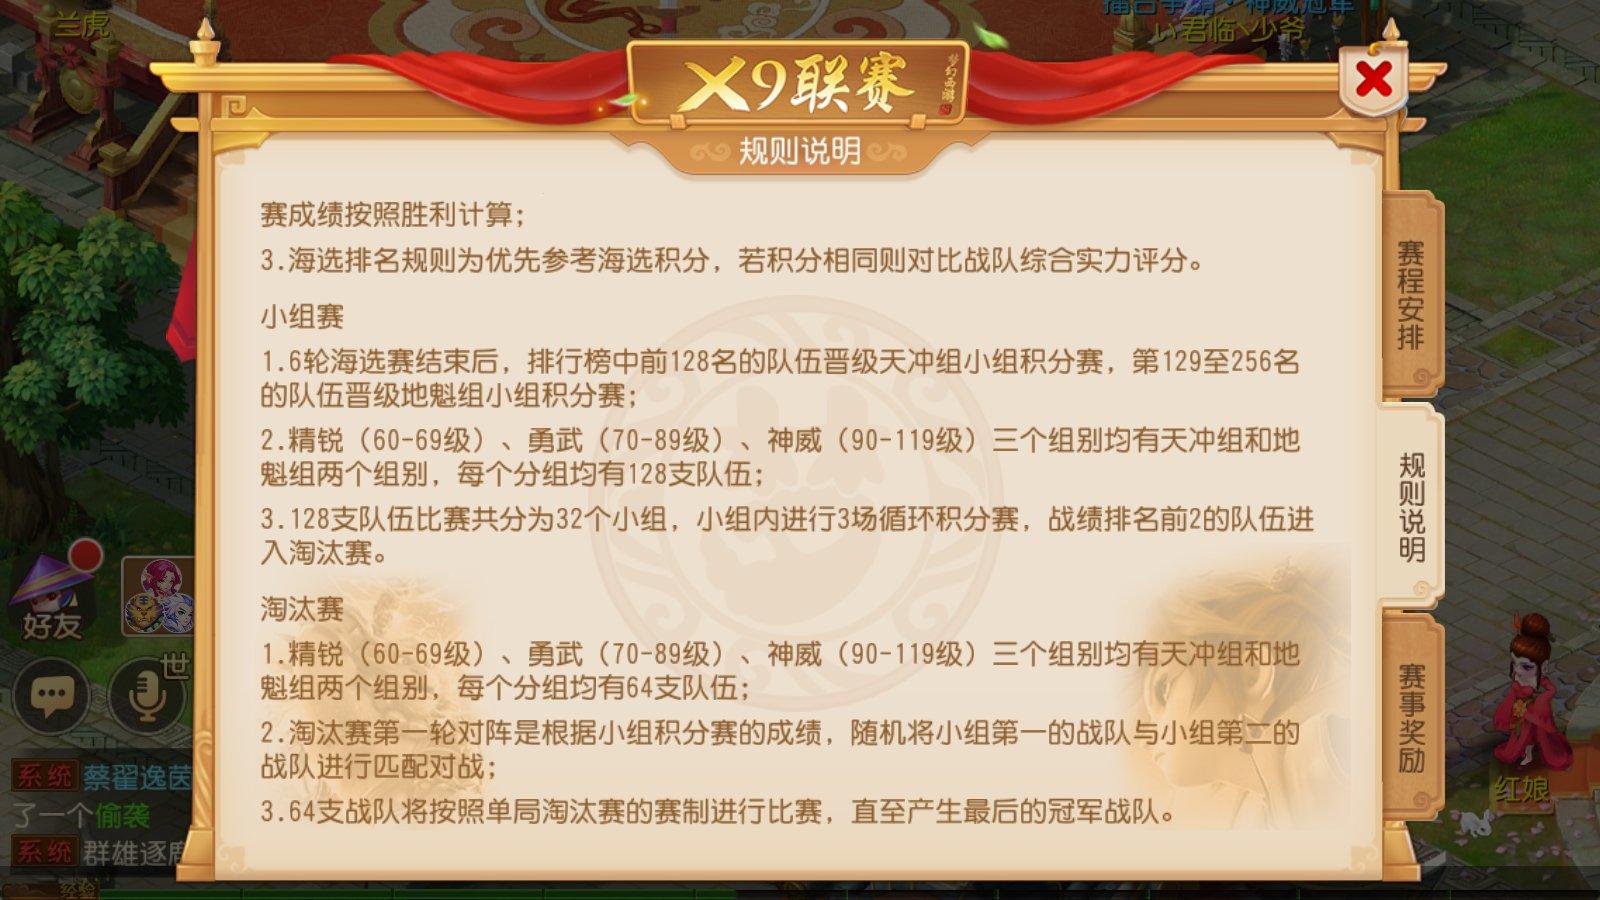 巅峰对决,《梦幻西游》手游X9联赛淘汰赛战果出炉